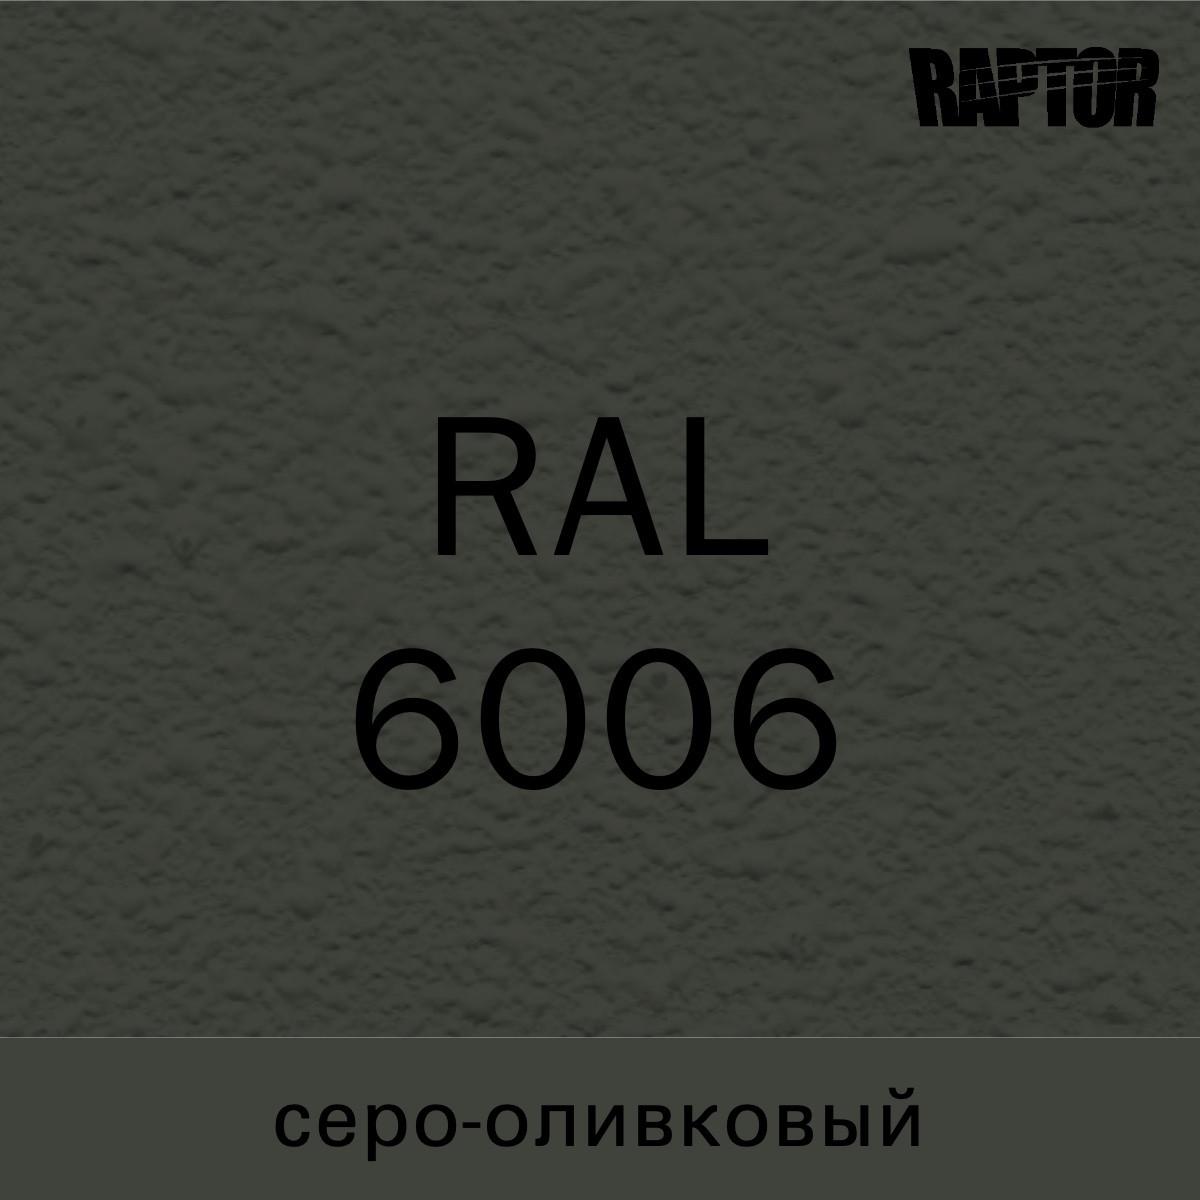 Пигмент для колеровки покрытия RAPTOR™ Серо-оливковый (RAL 6006)